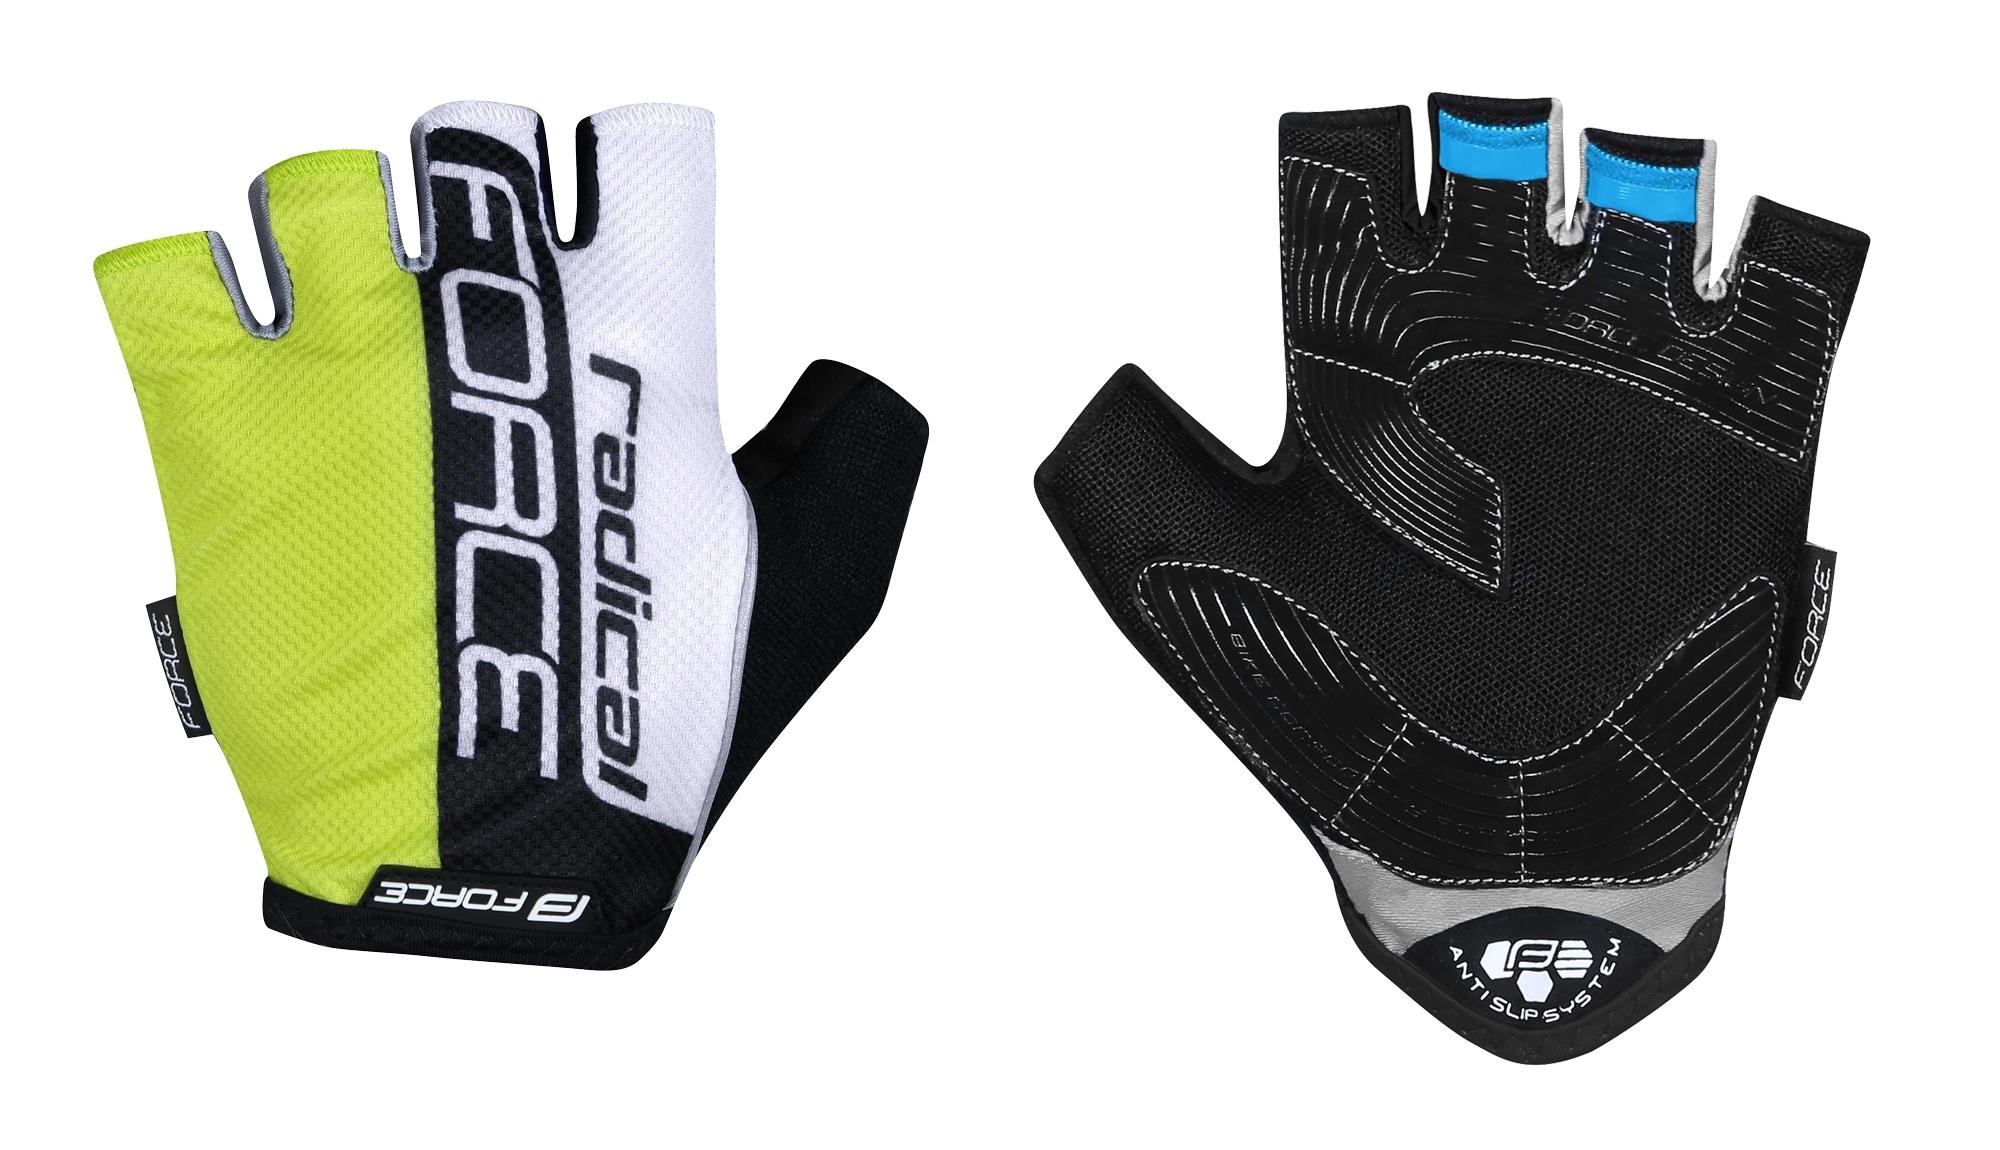 rukavice FORCE RADICAL, fluo-bílo-černé S